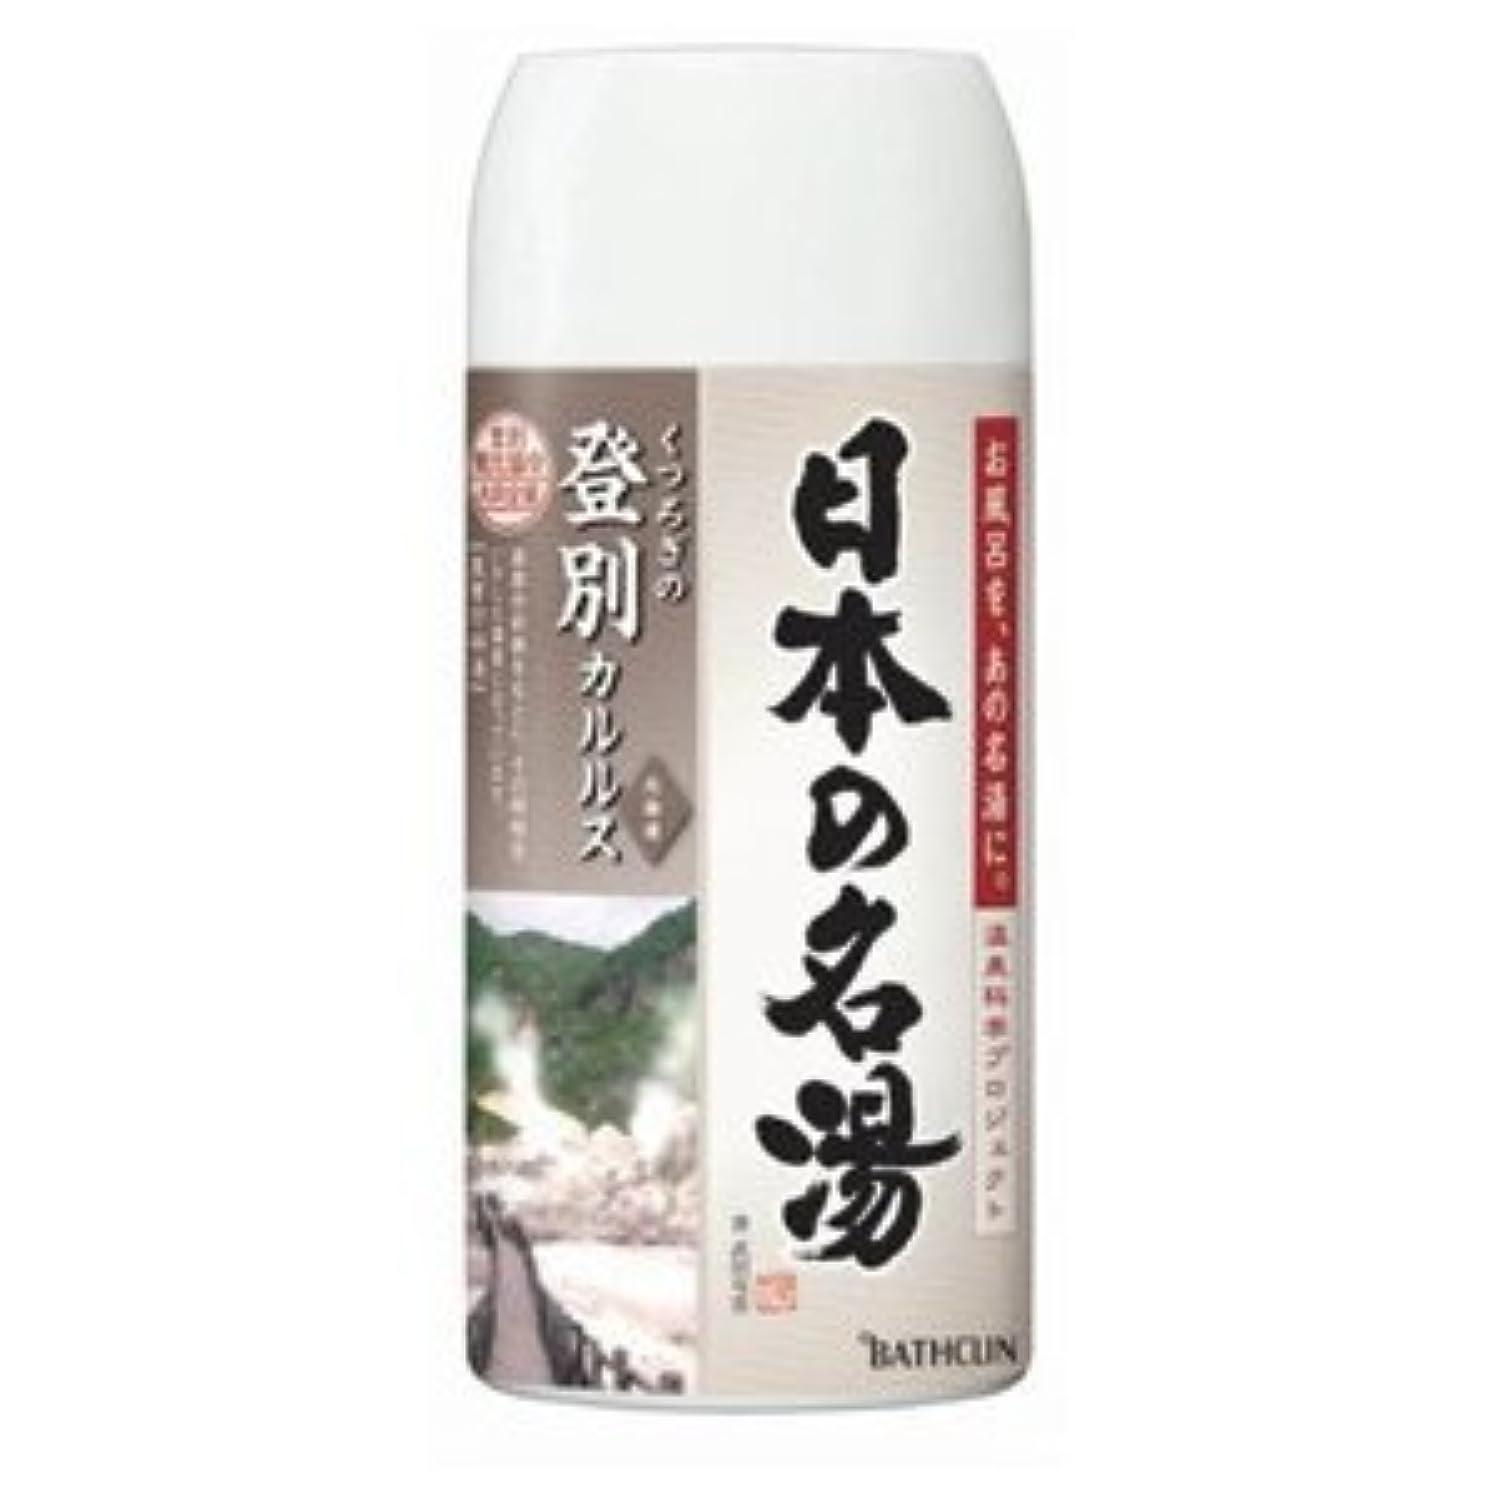 ルール誓う十代日本の名湯 登別カルルス 450g にごりタイプ 入浴剤 (医薬部外品) × 5個セット